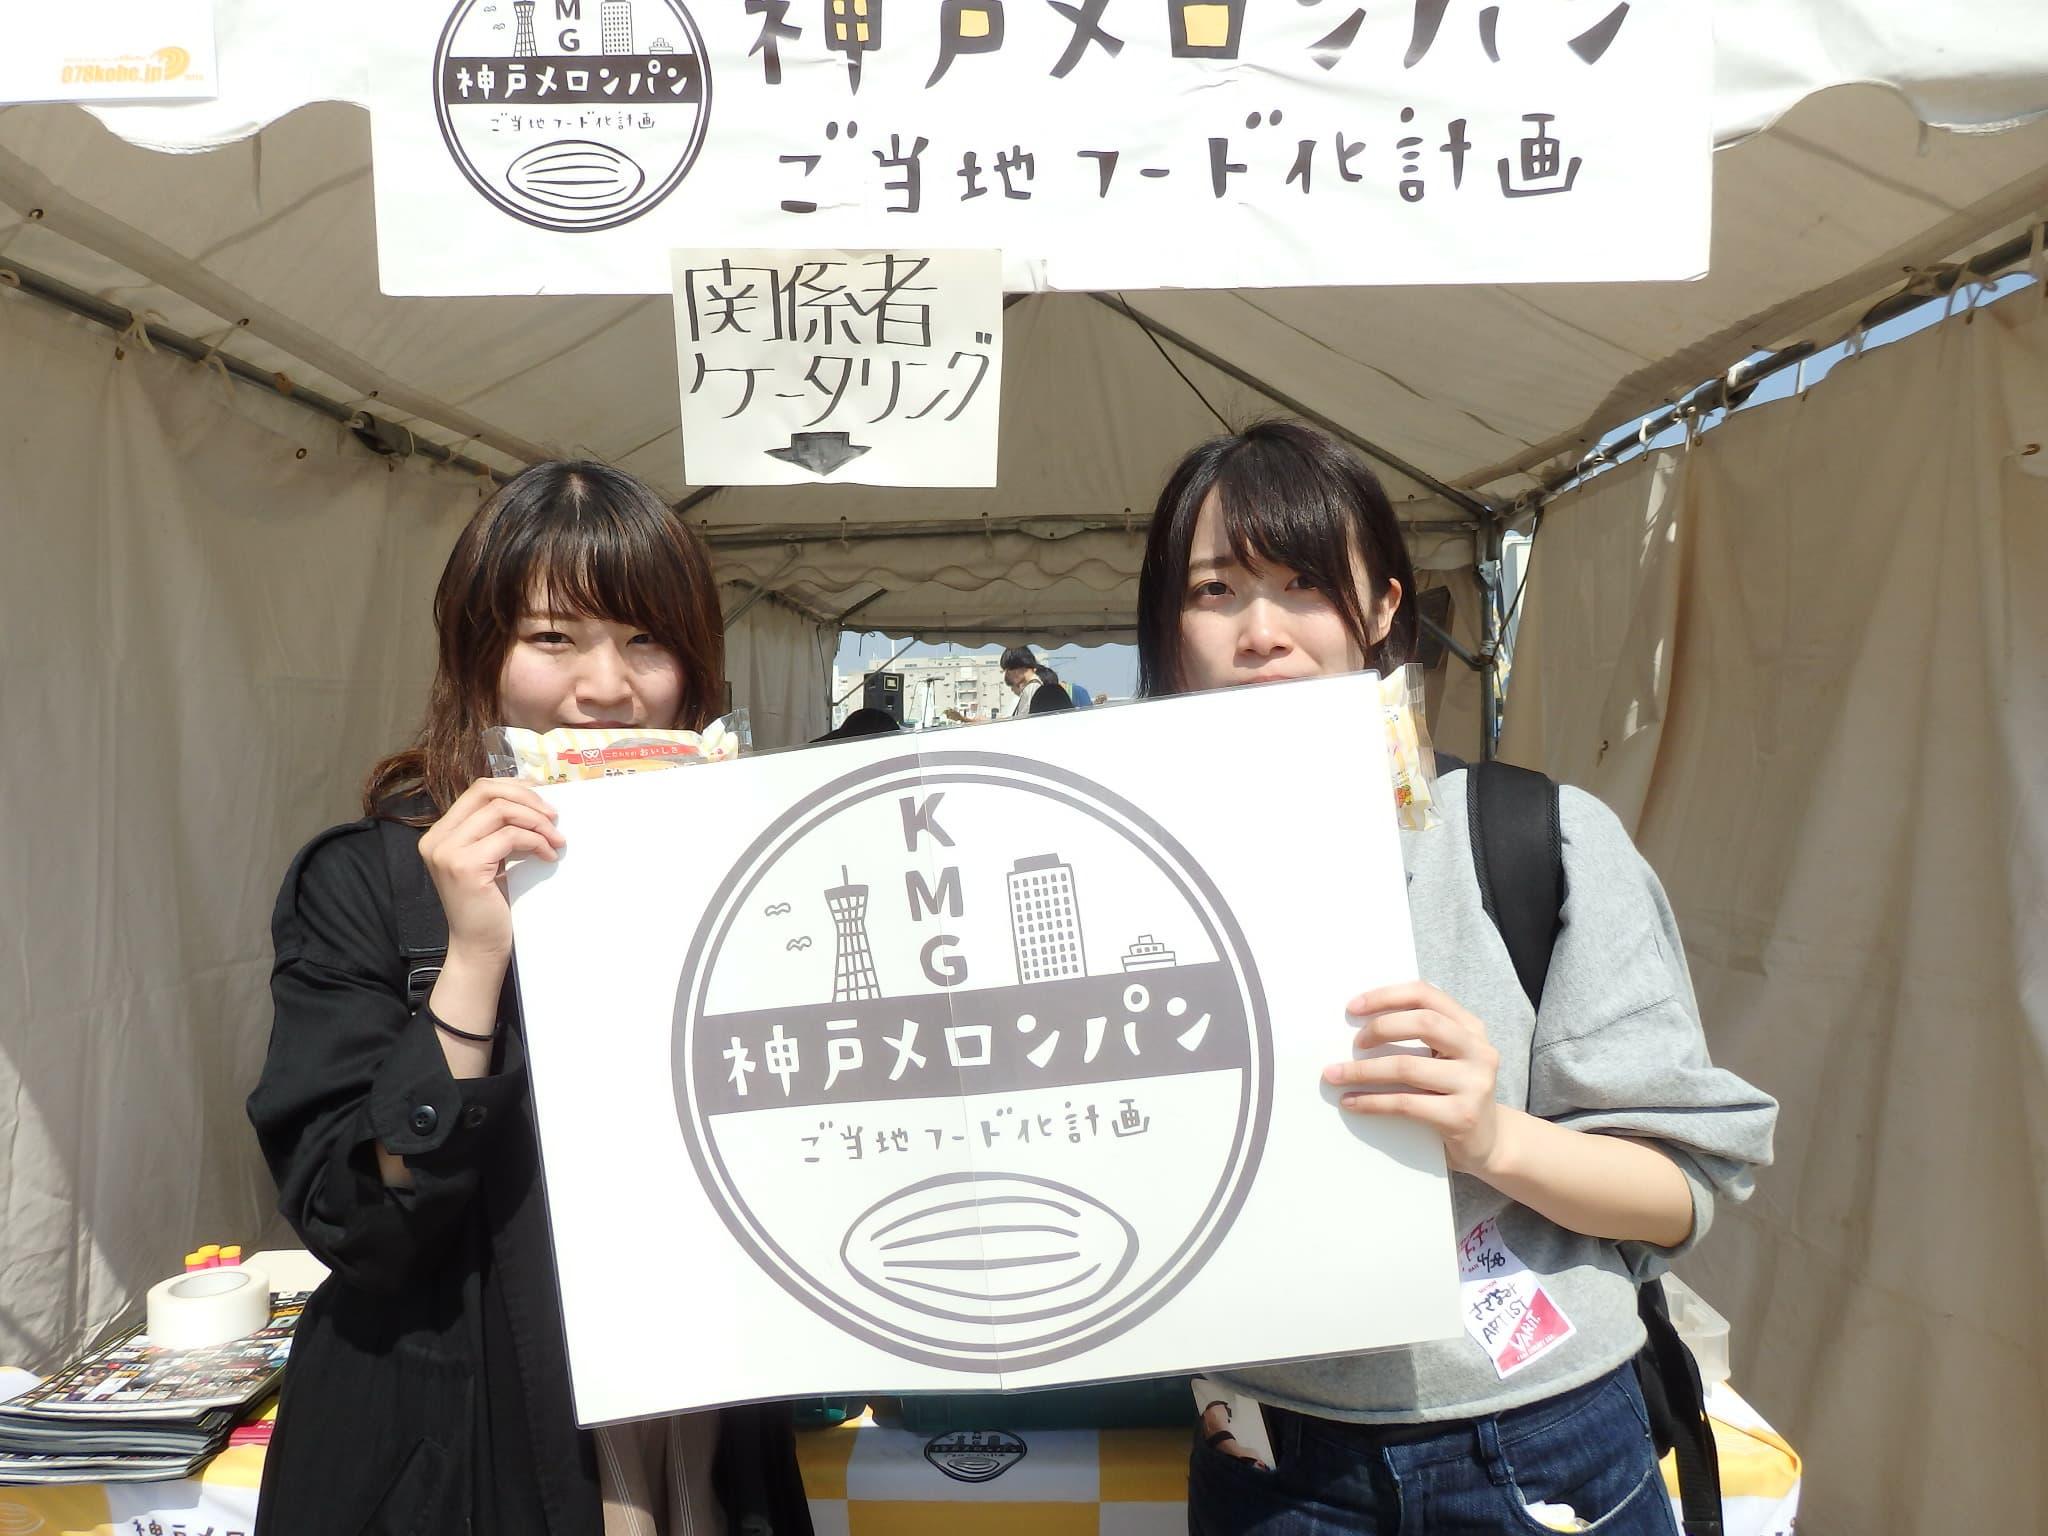 078kobe(KMG)小寺さん (15).jpg